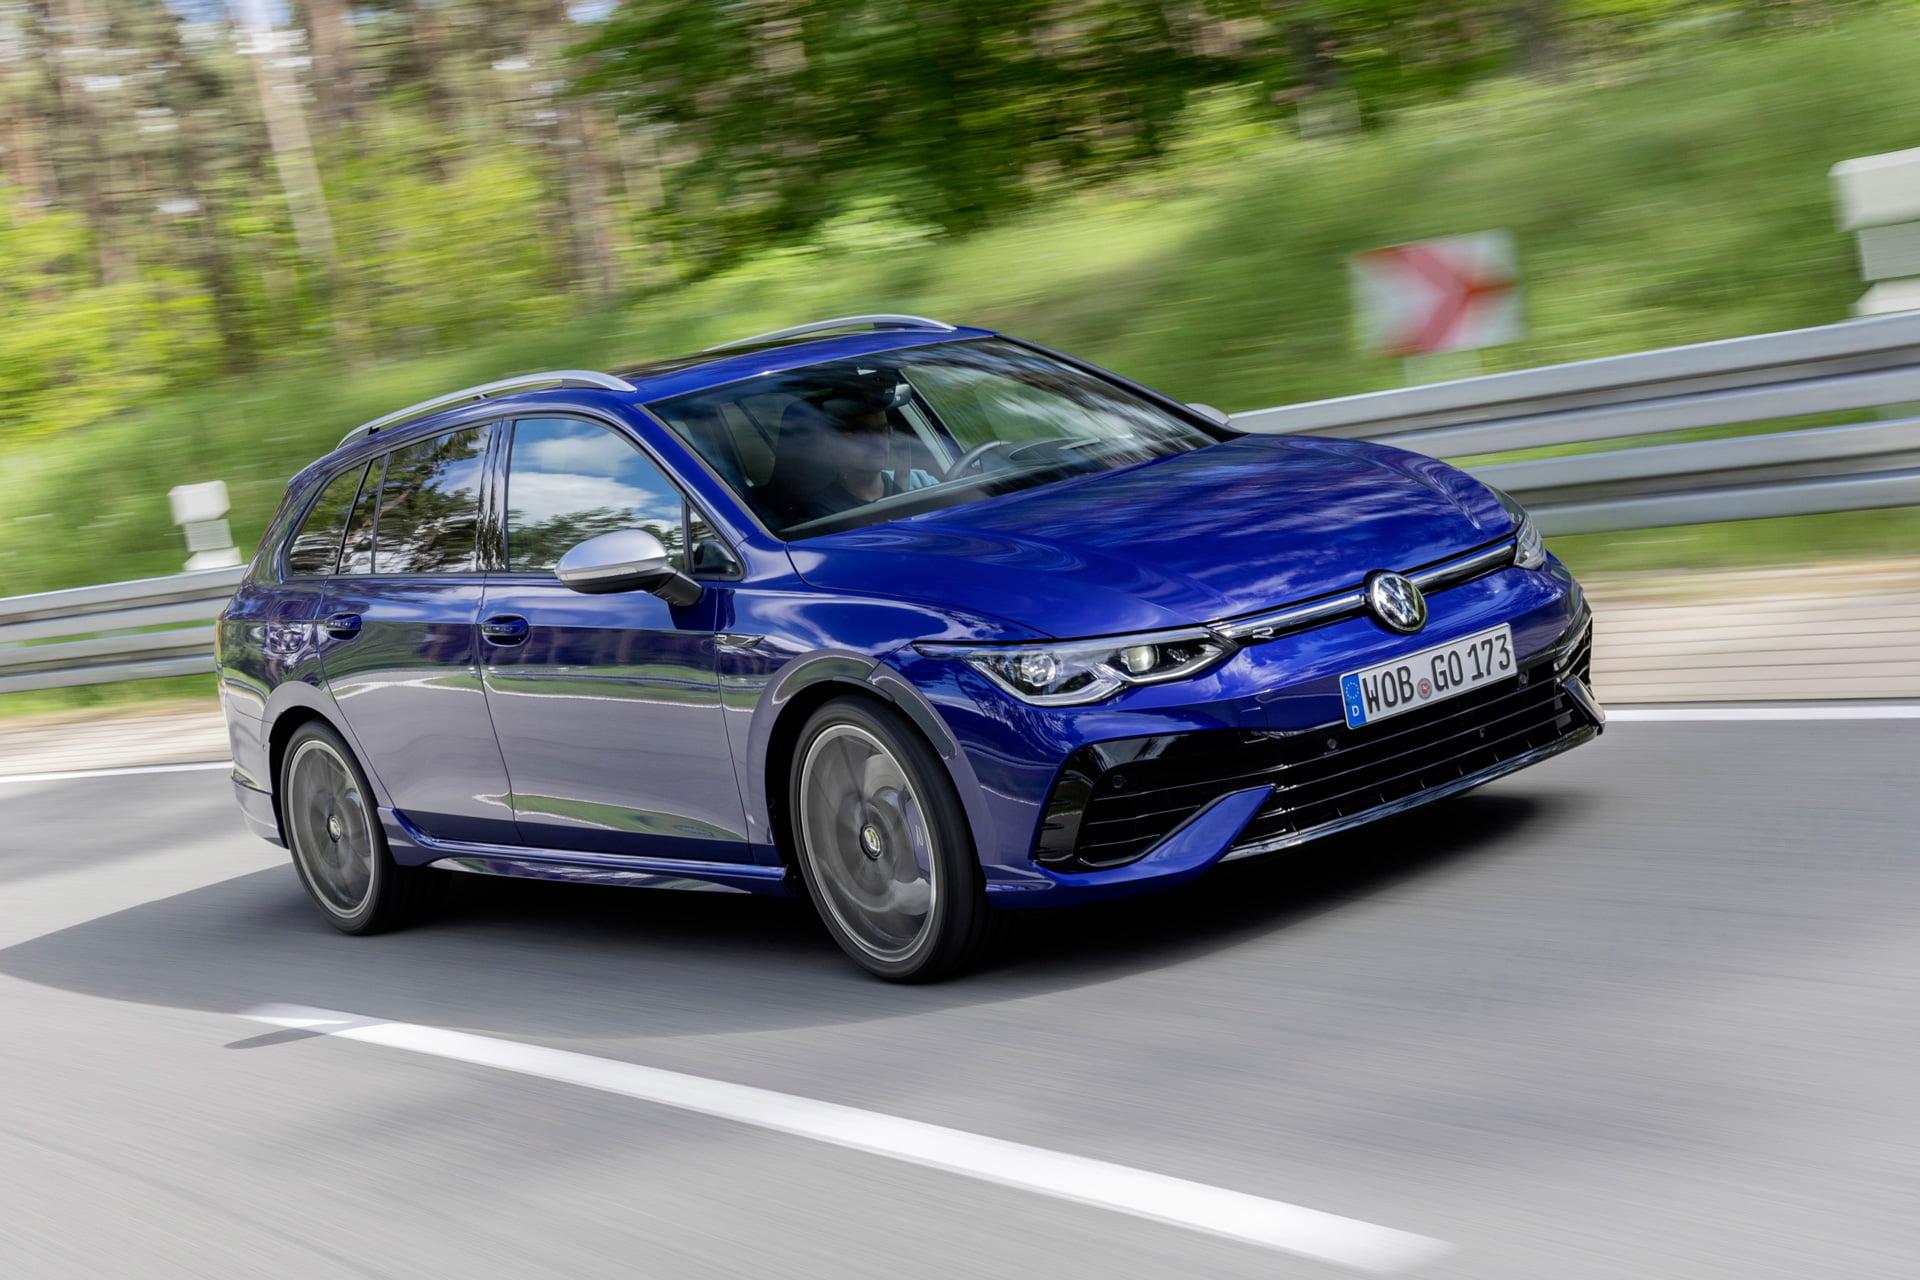 Llega al mercado español el nuevo Golf Variant R, un modelo que toma la misma premisa que su versión compacta: ser el más potente y dinámico diseñado hasta la fecha.